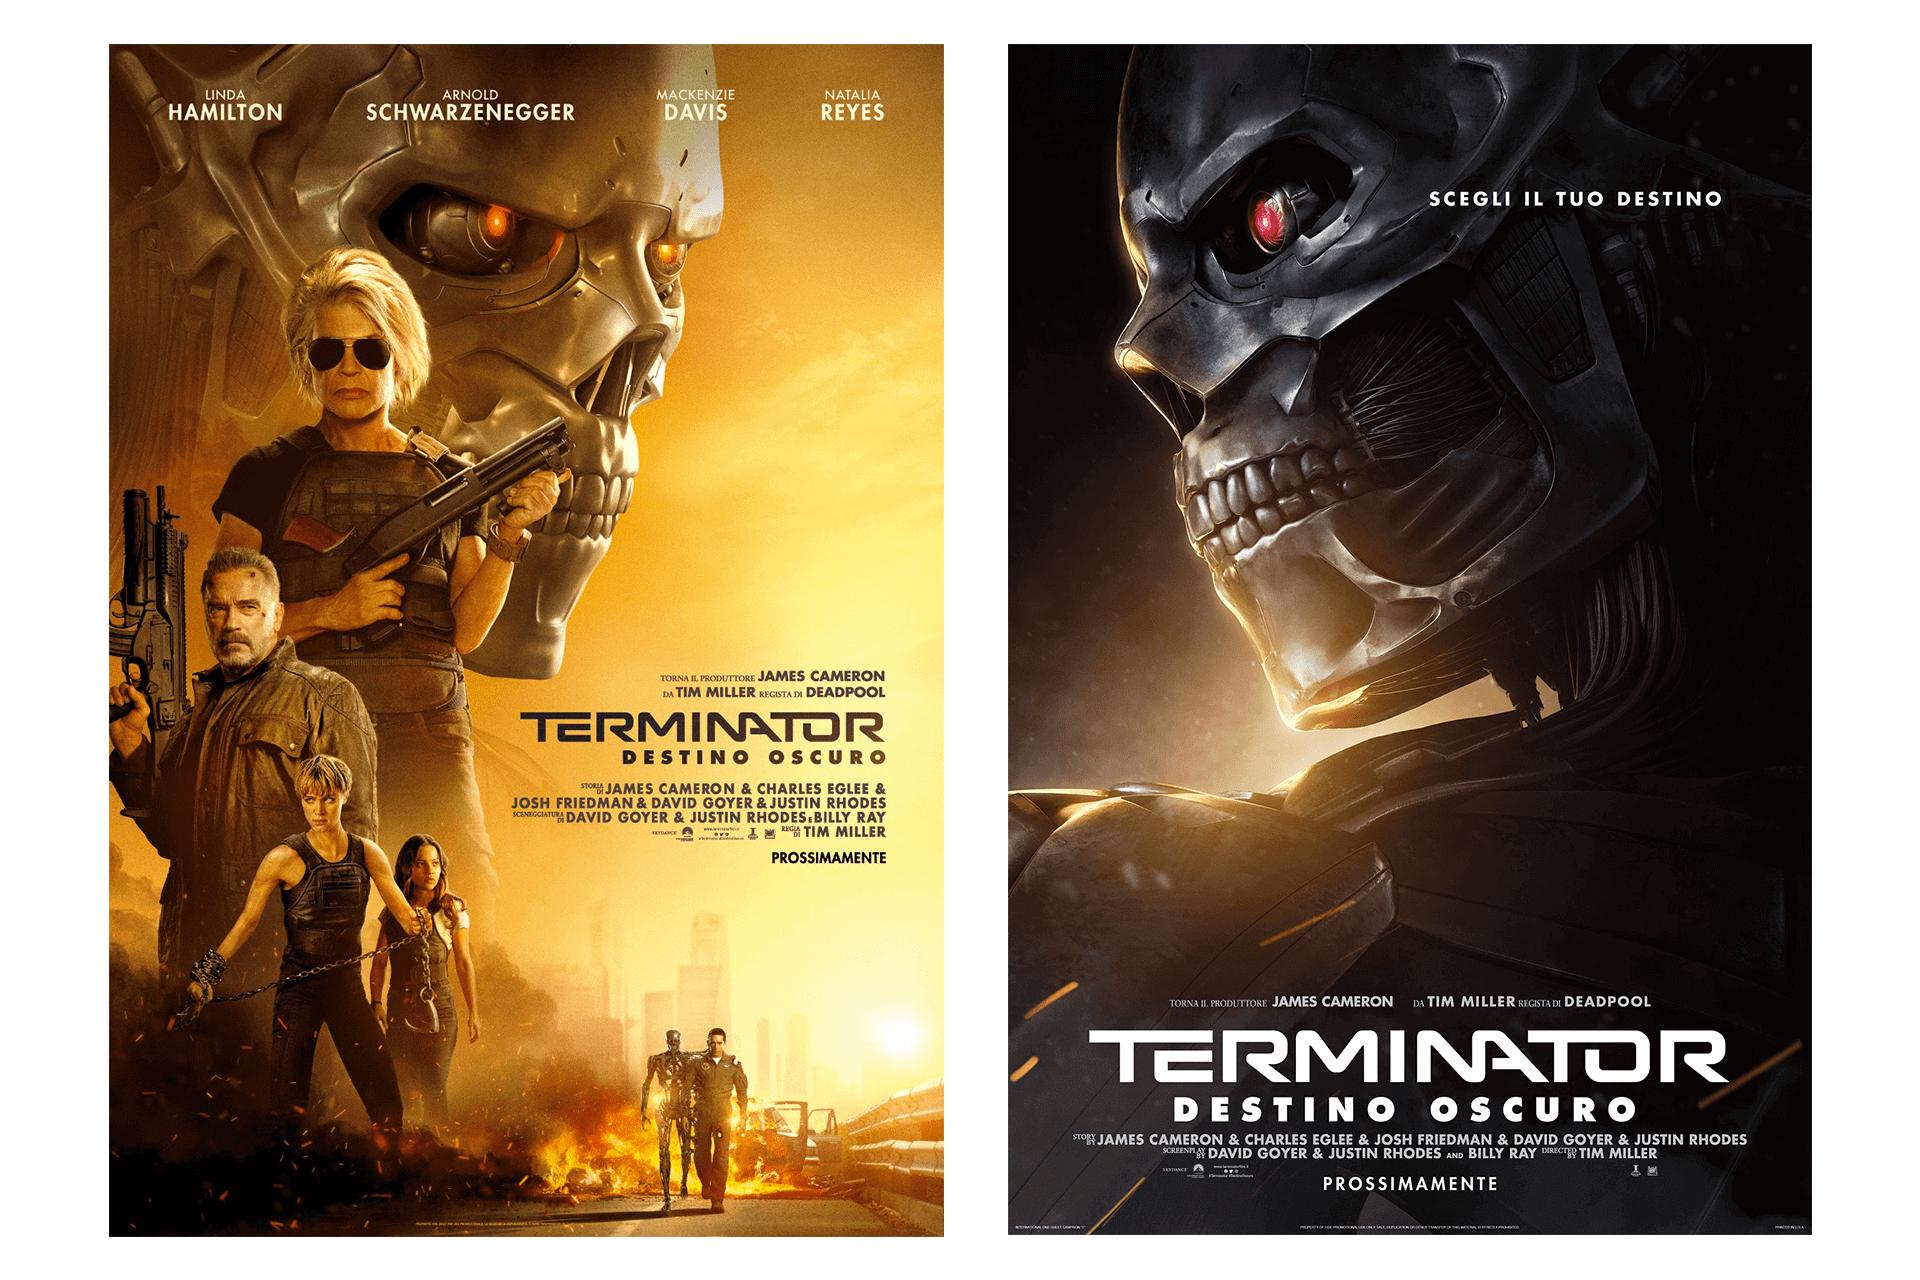 Terminator Social Media